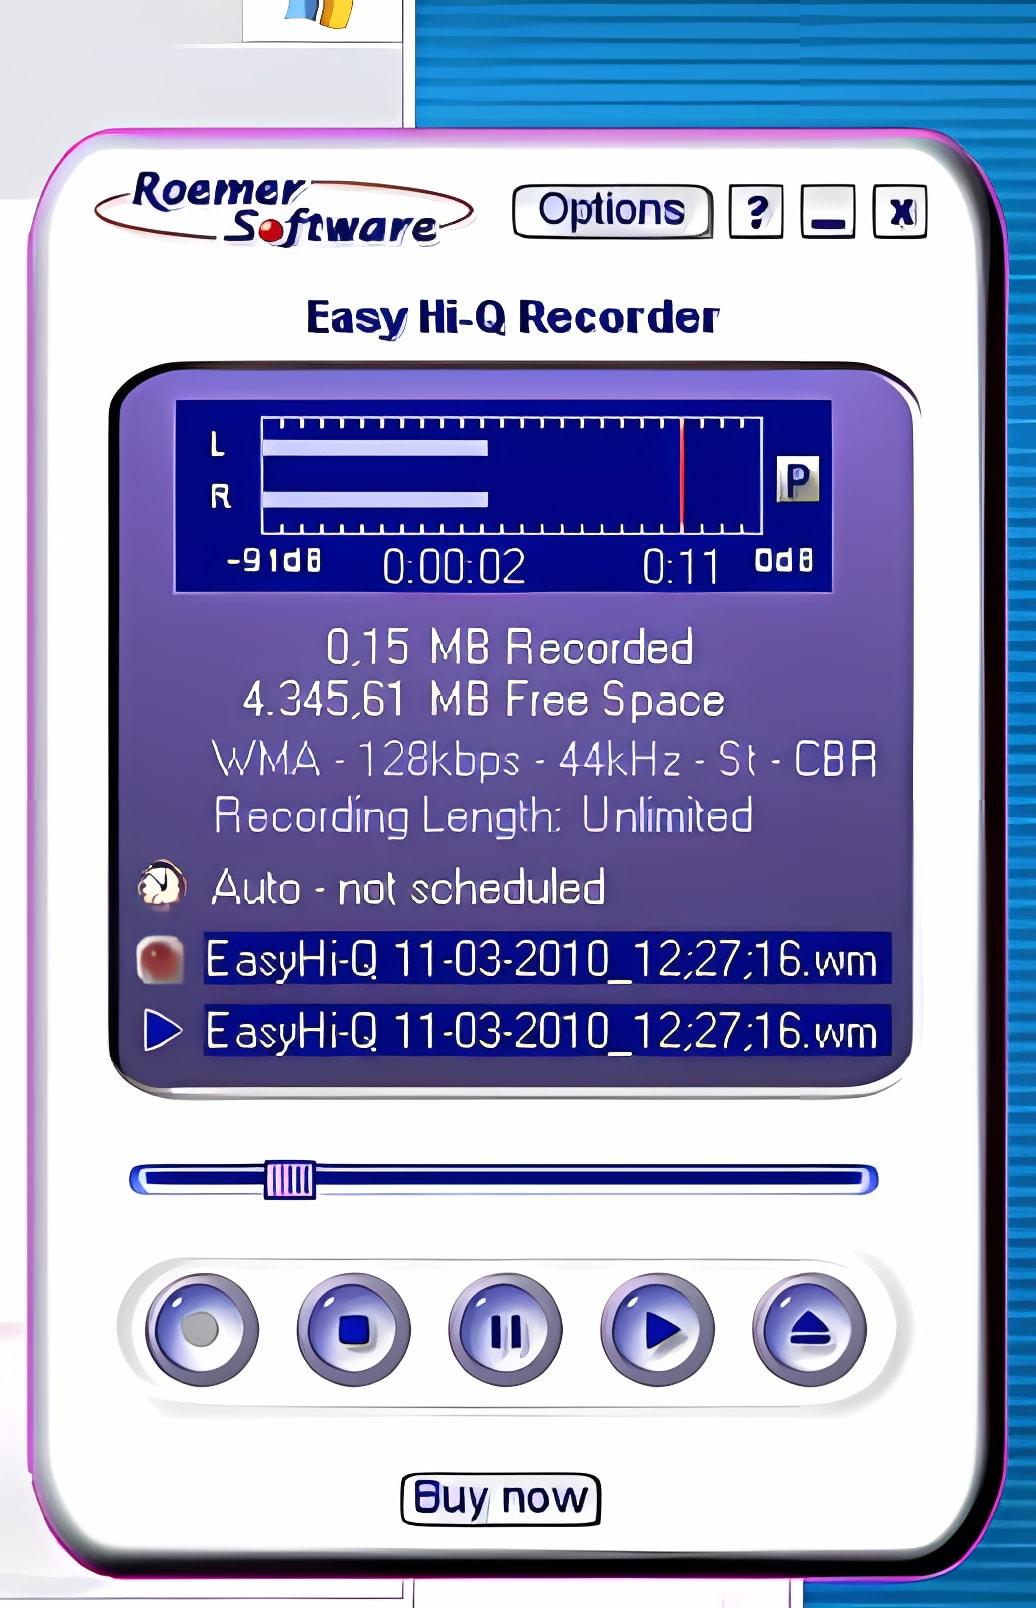 Easy Hi-Q Recorder